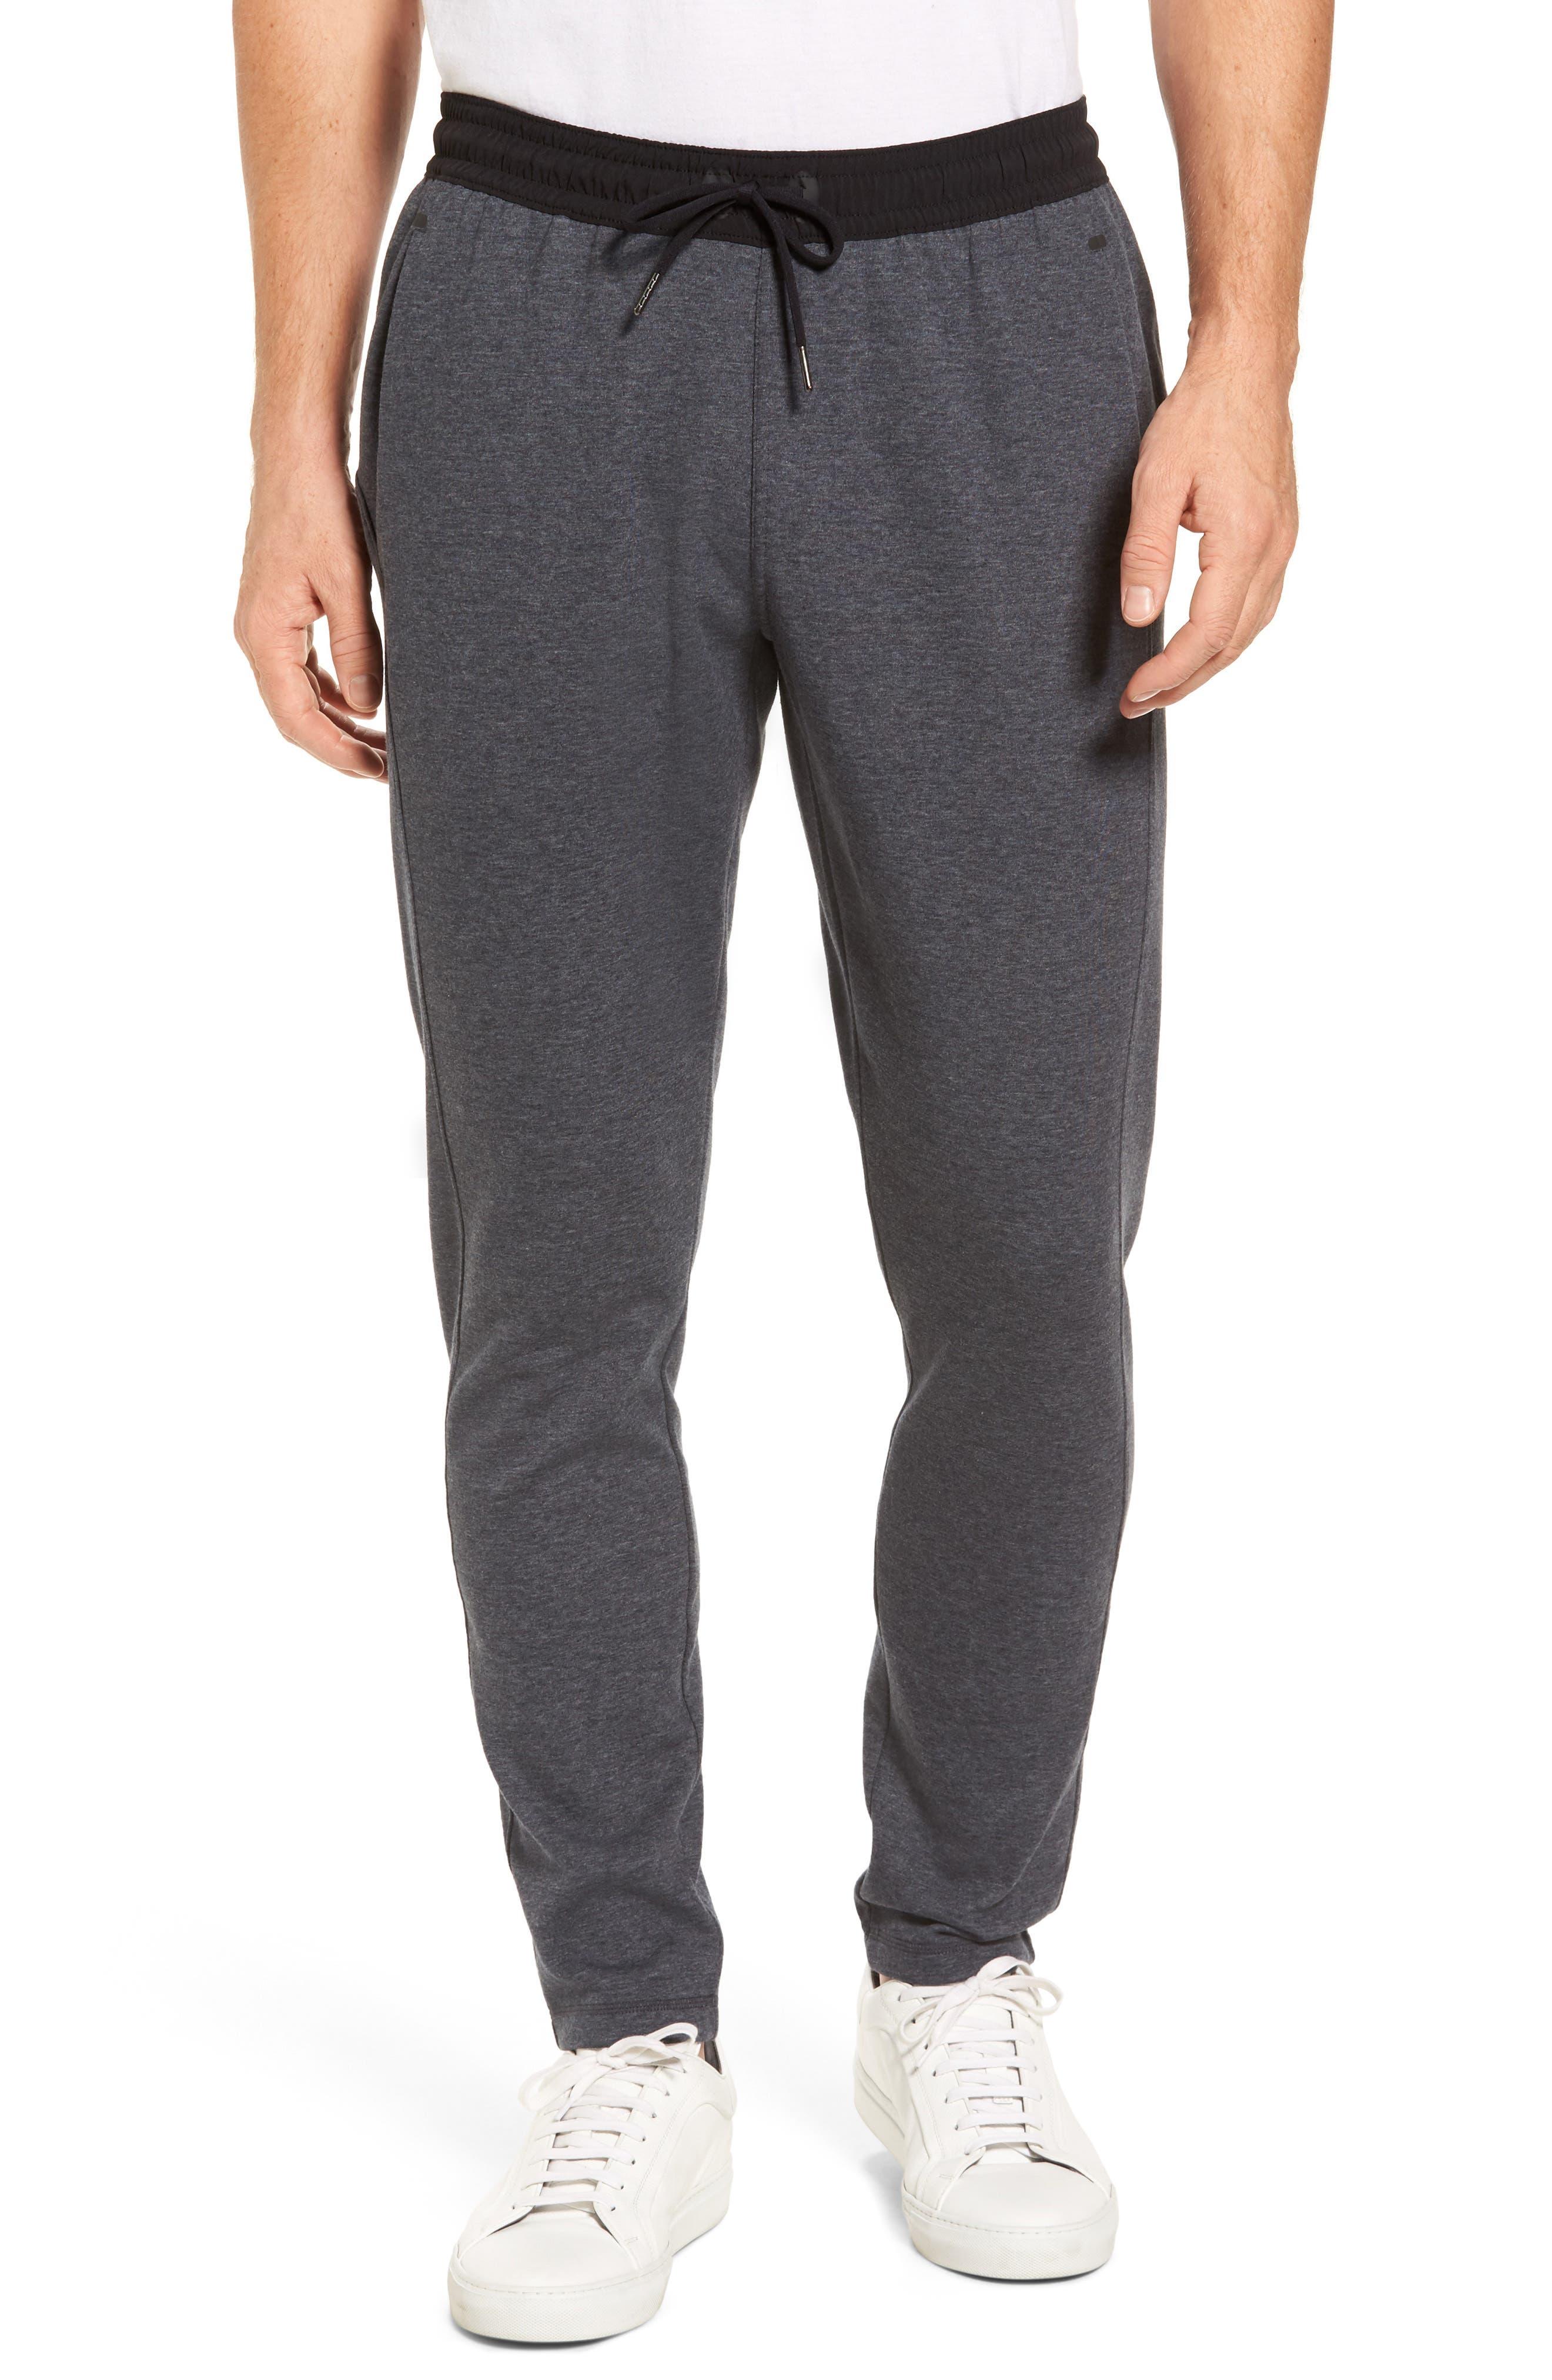 Zella Pyrite Tech Athletic Knit Pants